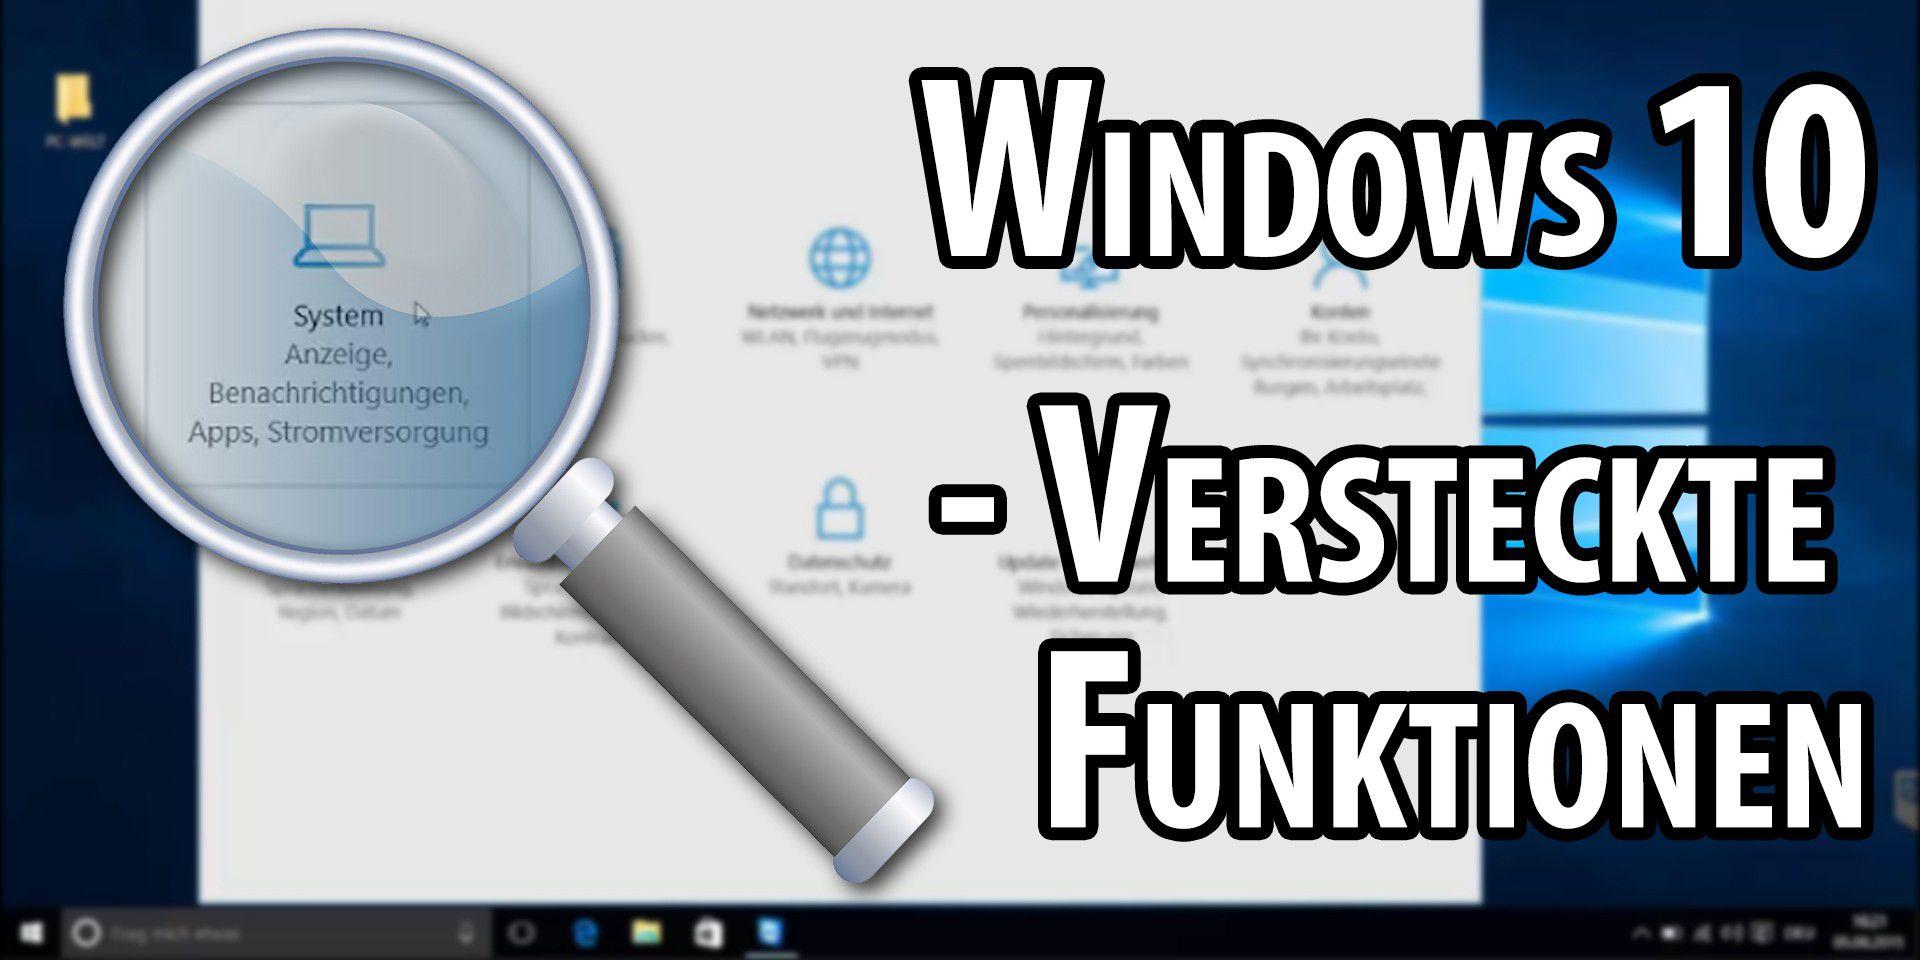 Video: Windows 10 - Versteckte Funktionen